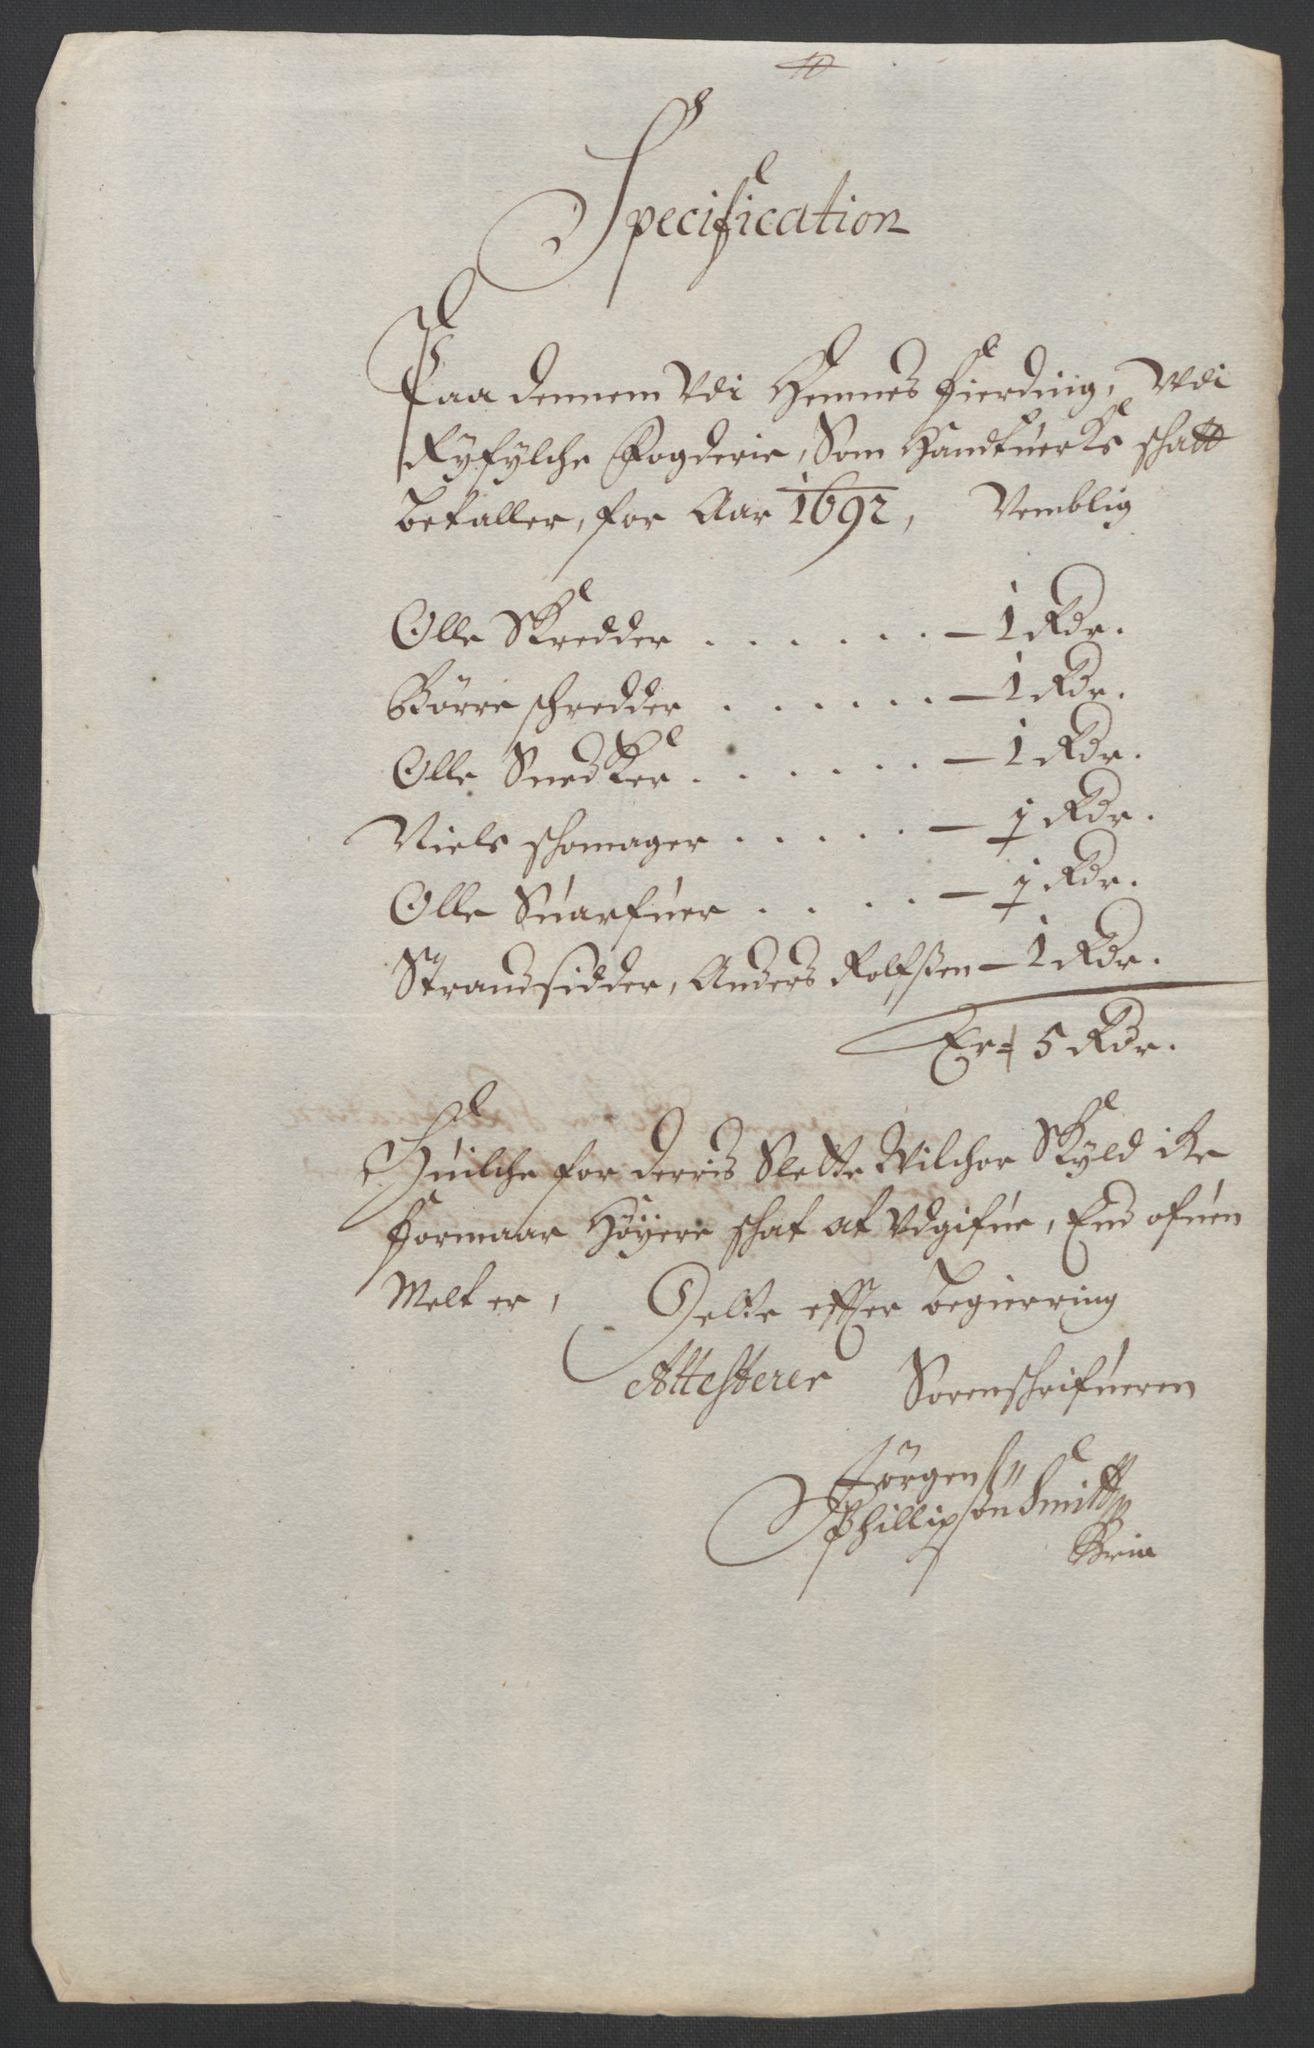 RA, Rentekammeret inntil 1814, Reviderte regnskaper, Fogderegnskap, R47/L2856: Fogderegnskap Ryfylke, 1689-1693, s. 511